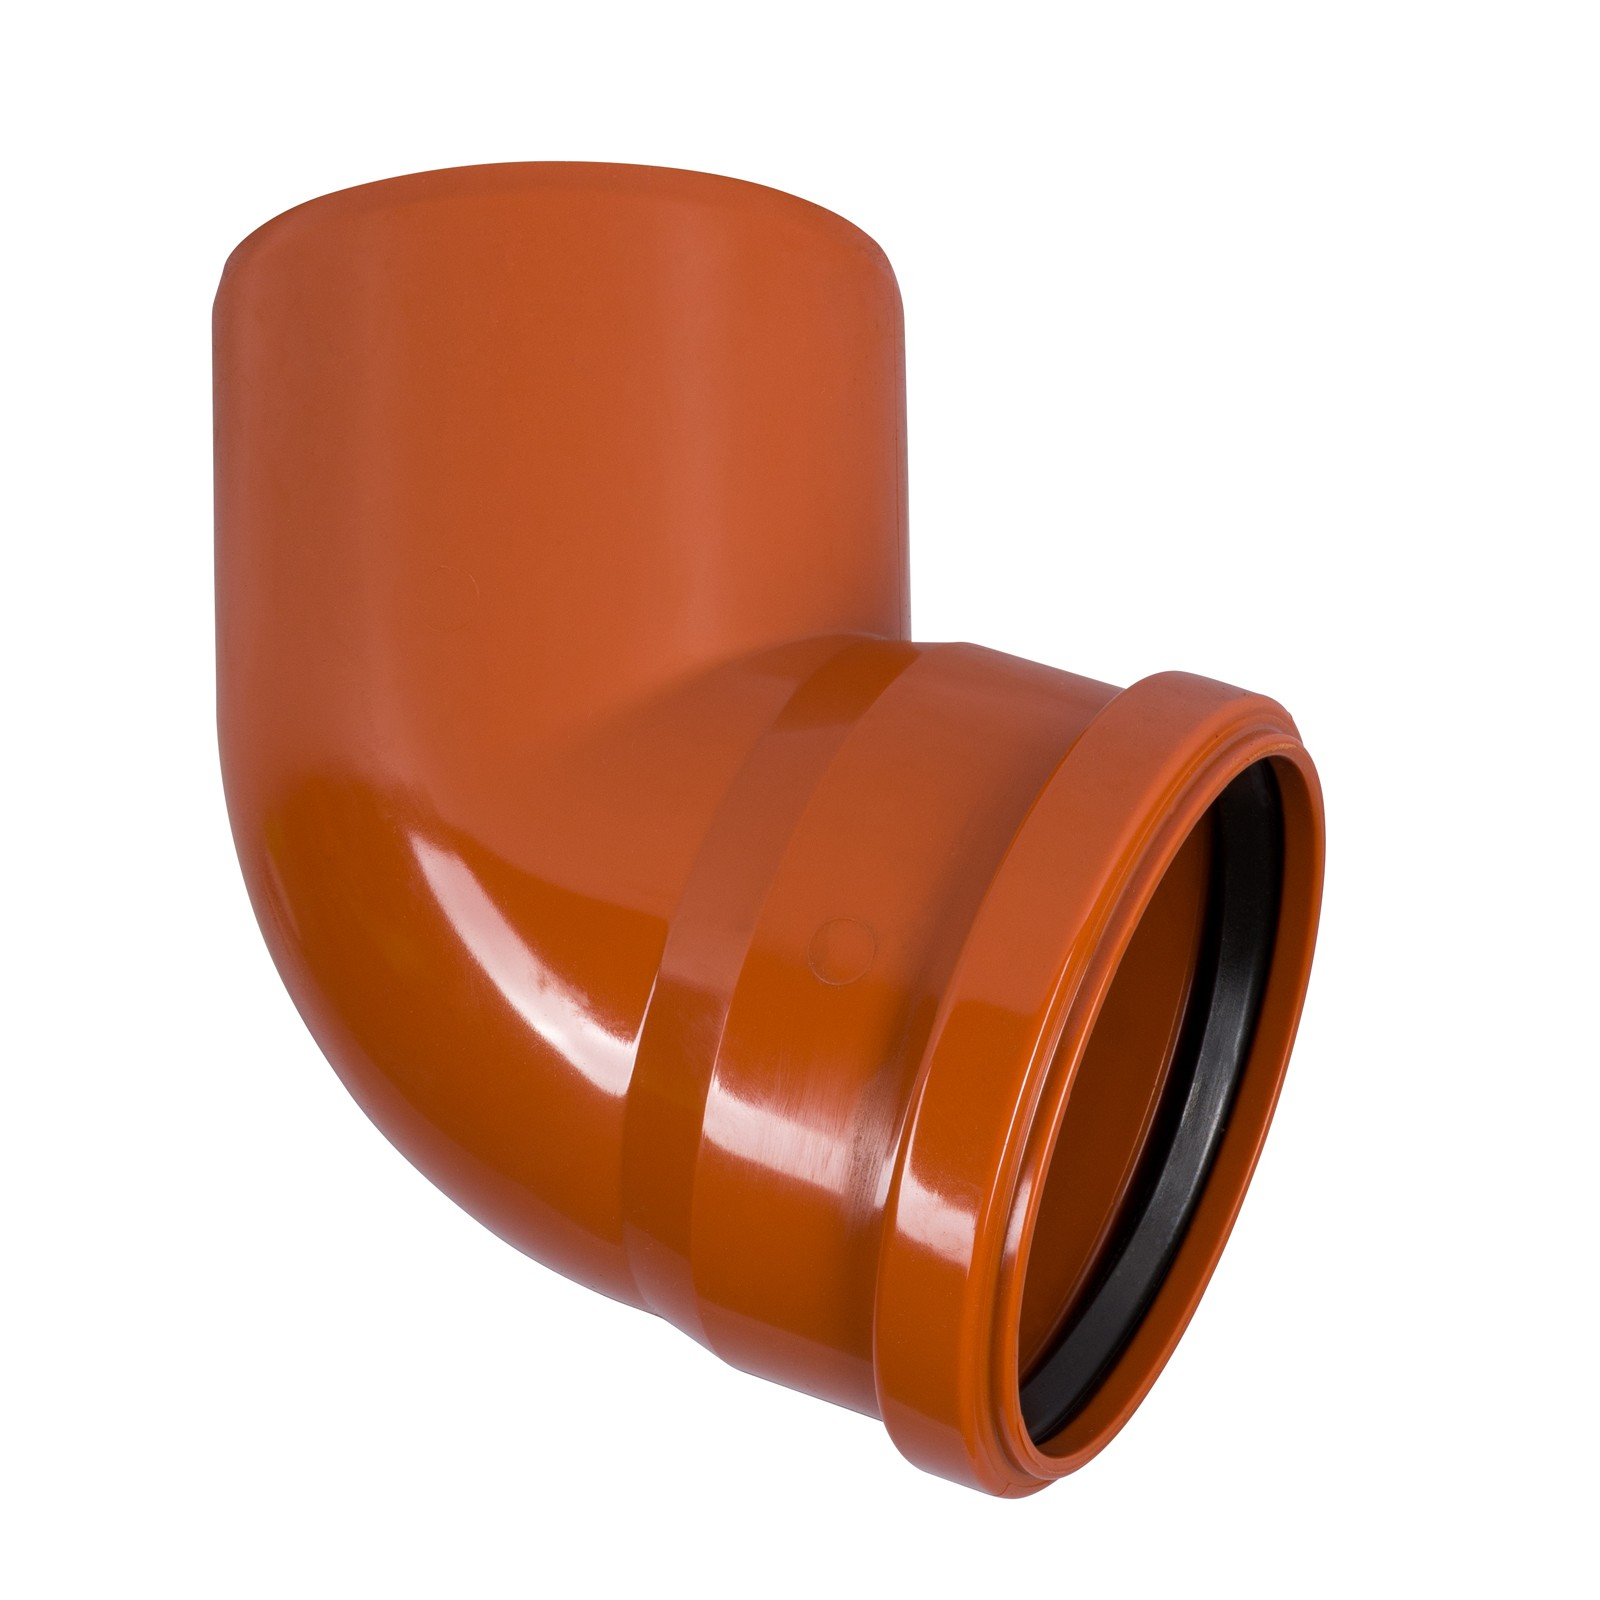 kg bogen dn160 67 grad rohr 150 mm abwasserrohr kanalrohr. Black Bedroom Furniture Sets. Home Design Ideas